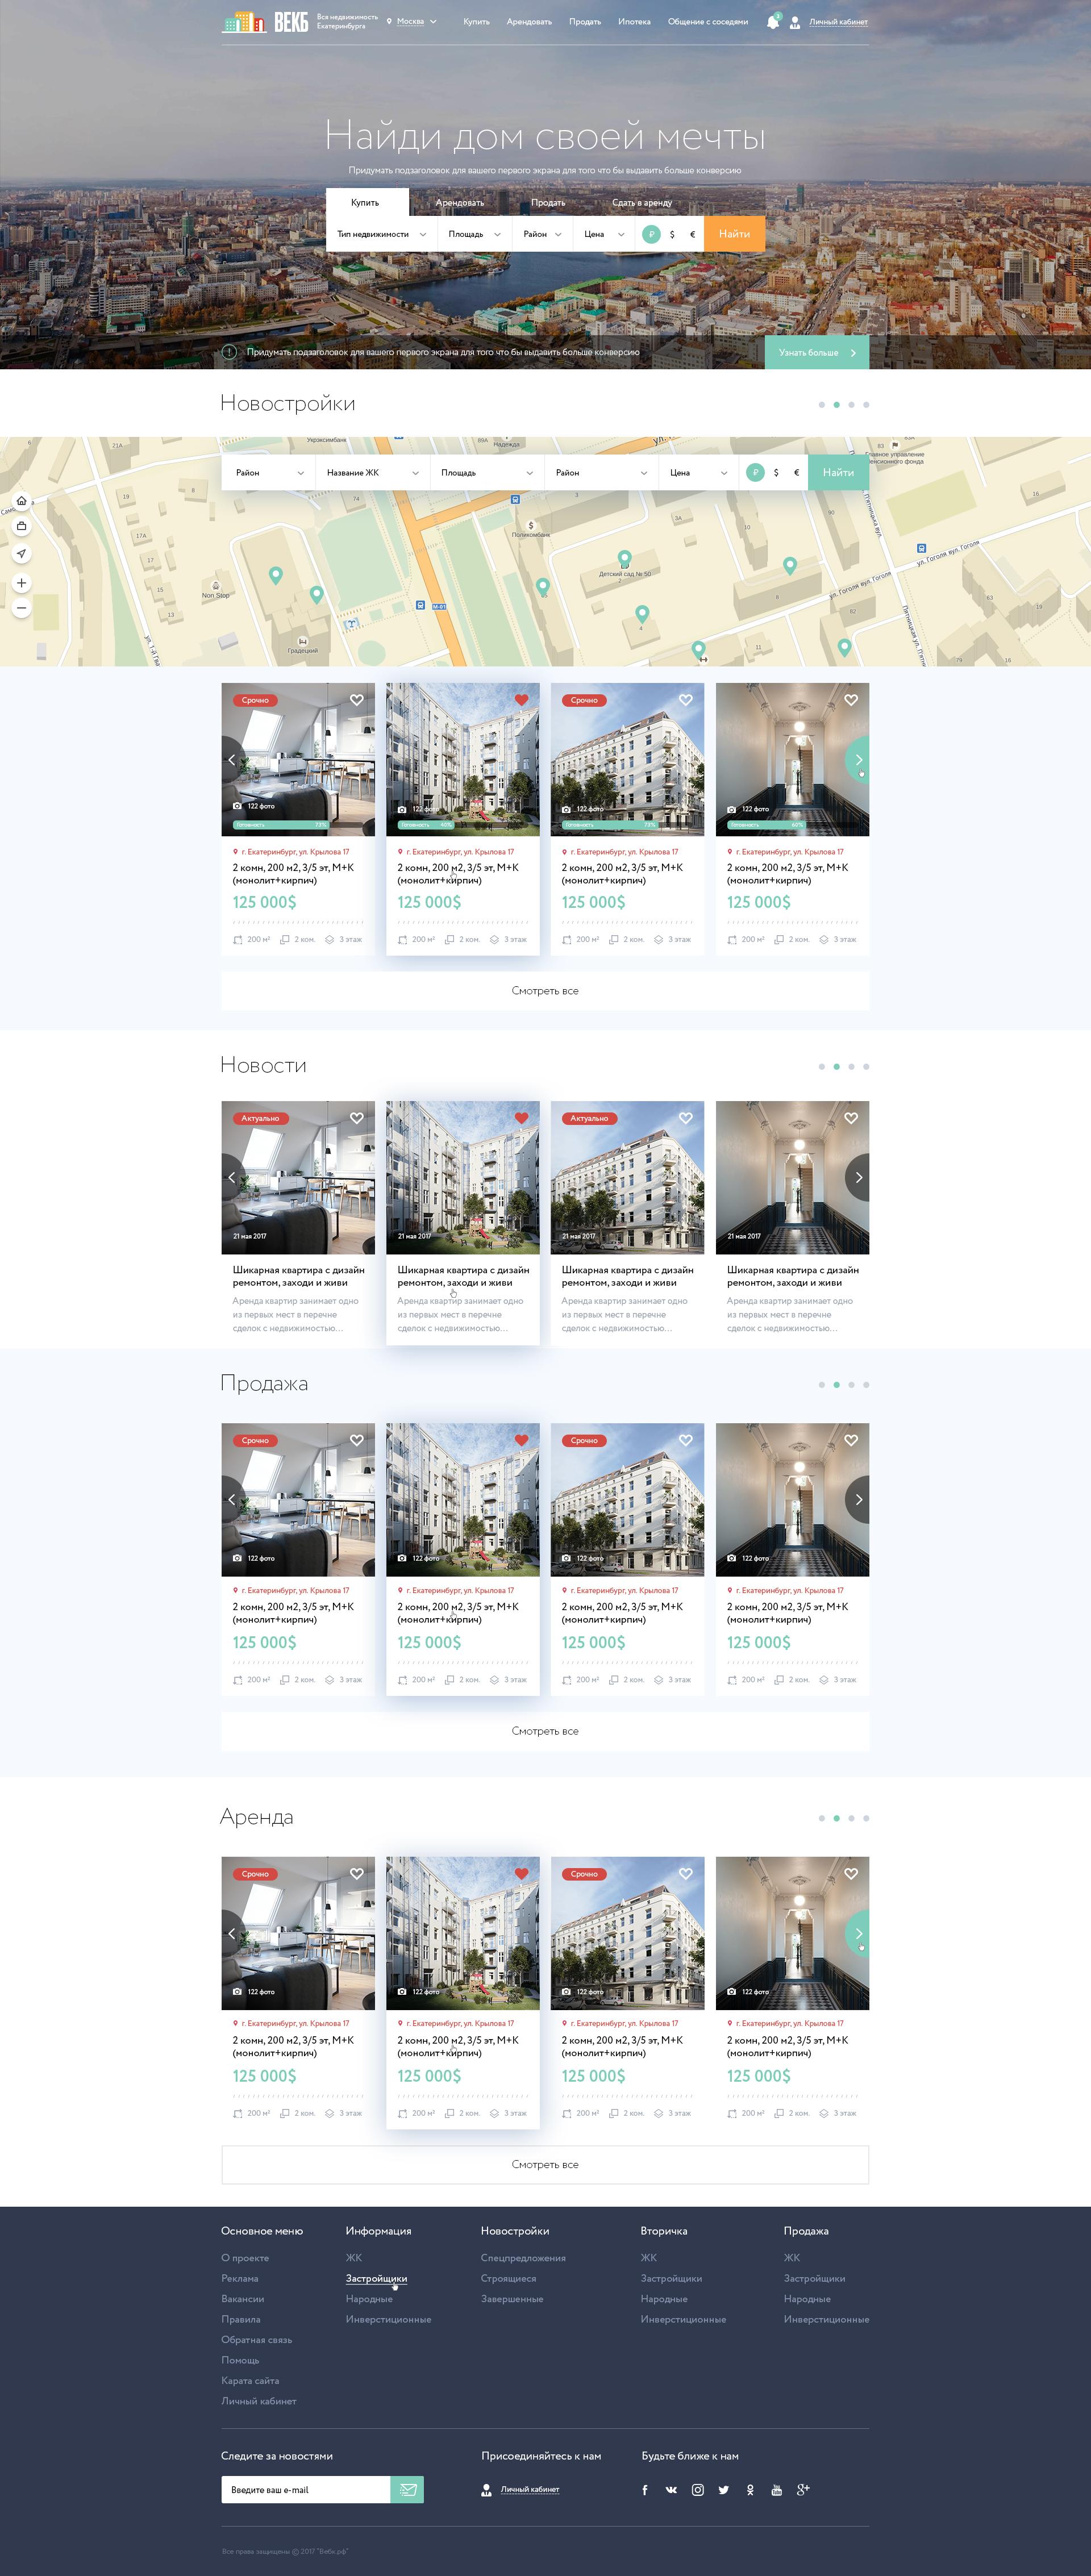 Сайт недивжимости Екатеринбурга